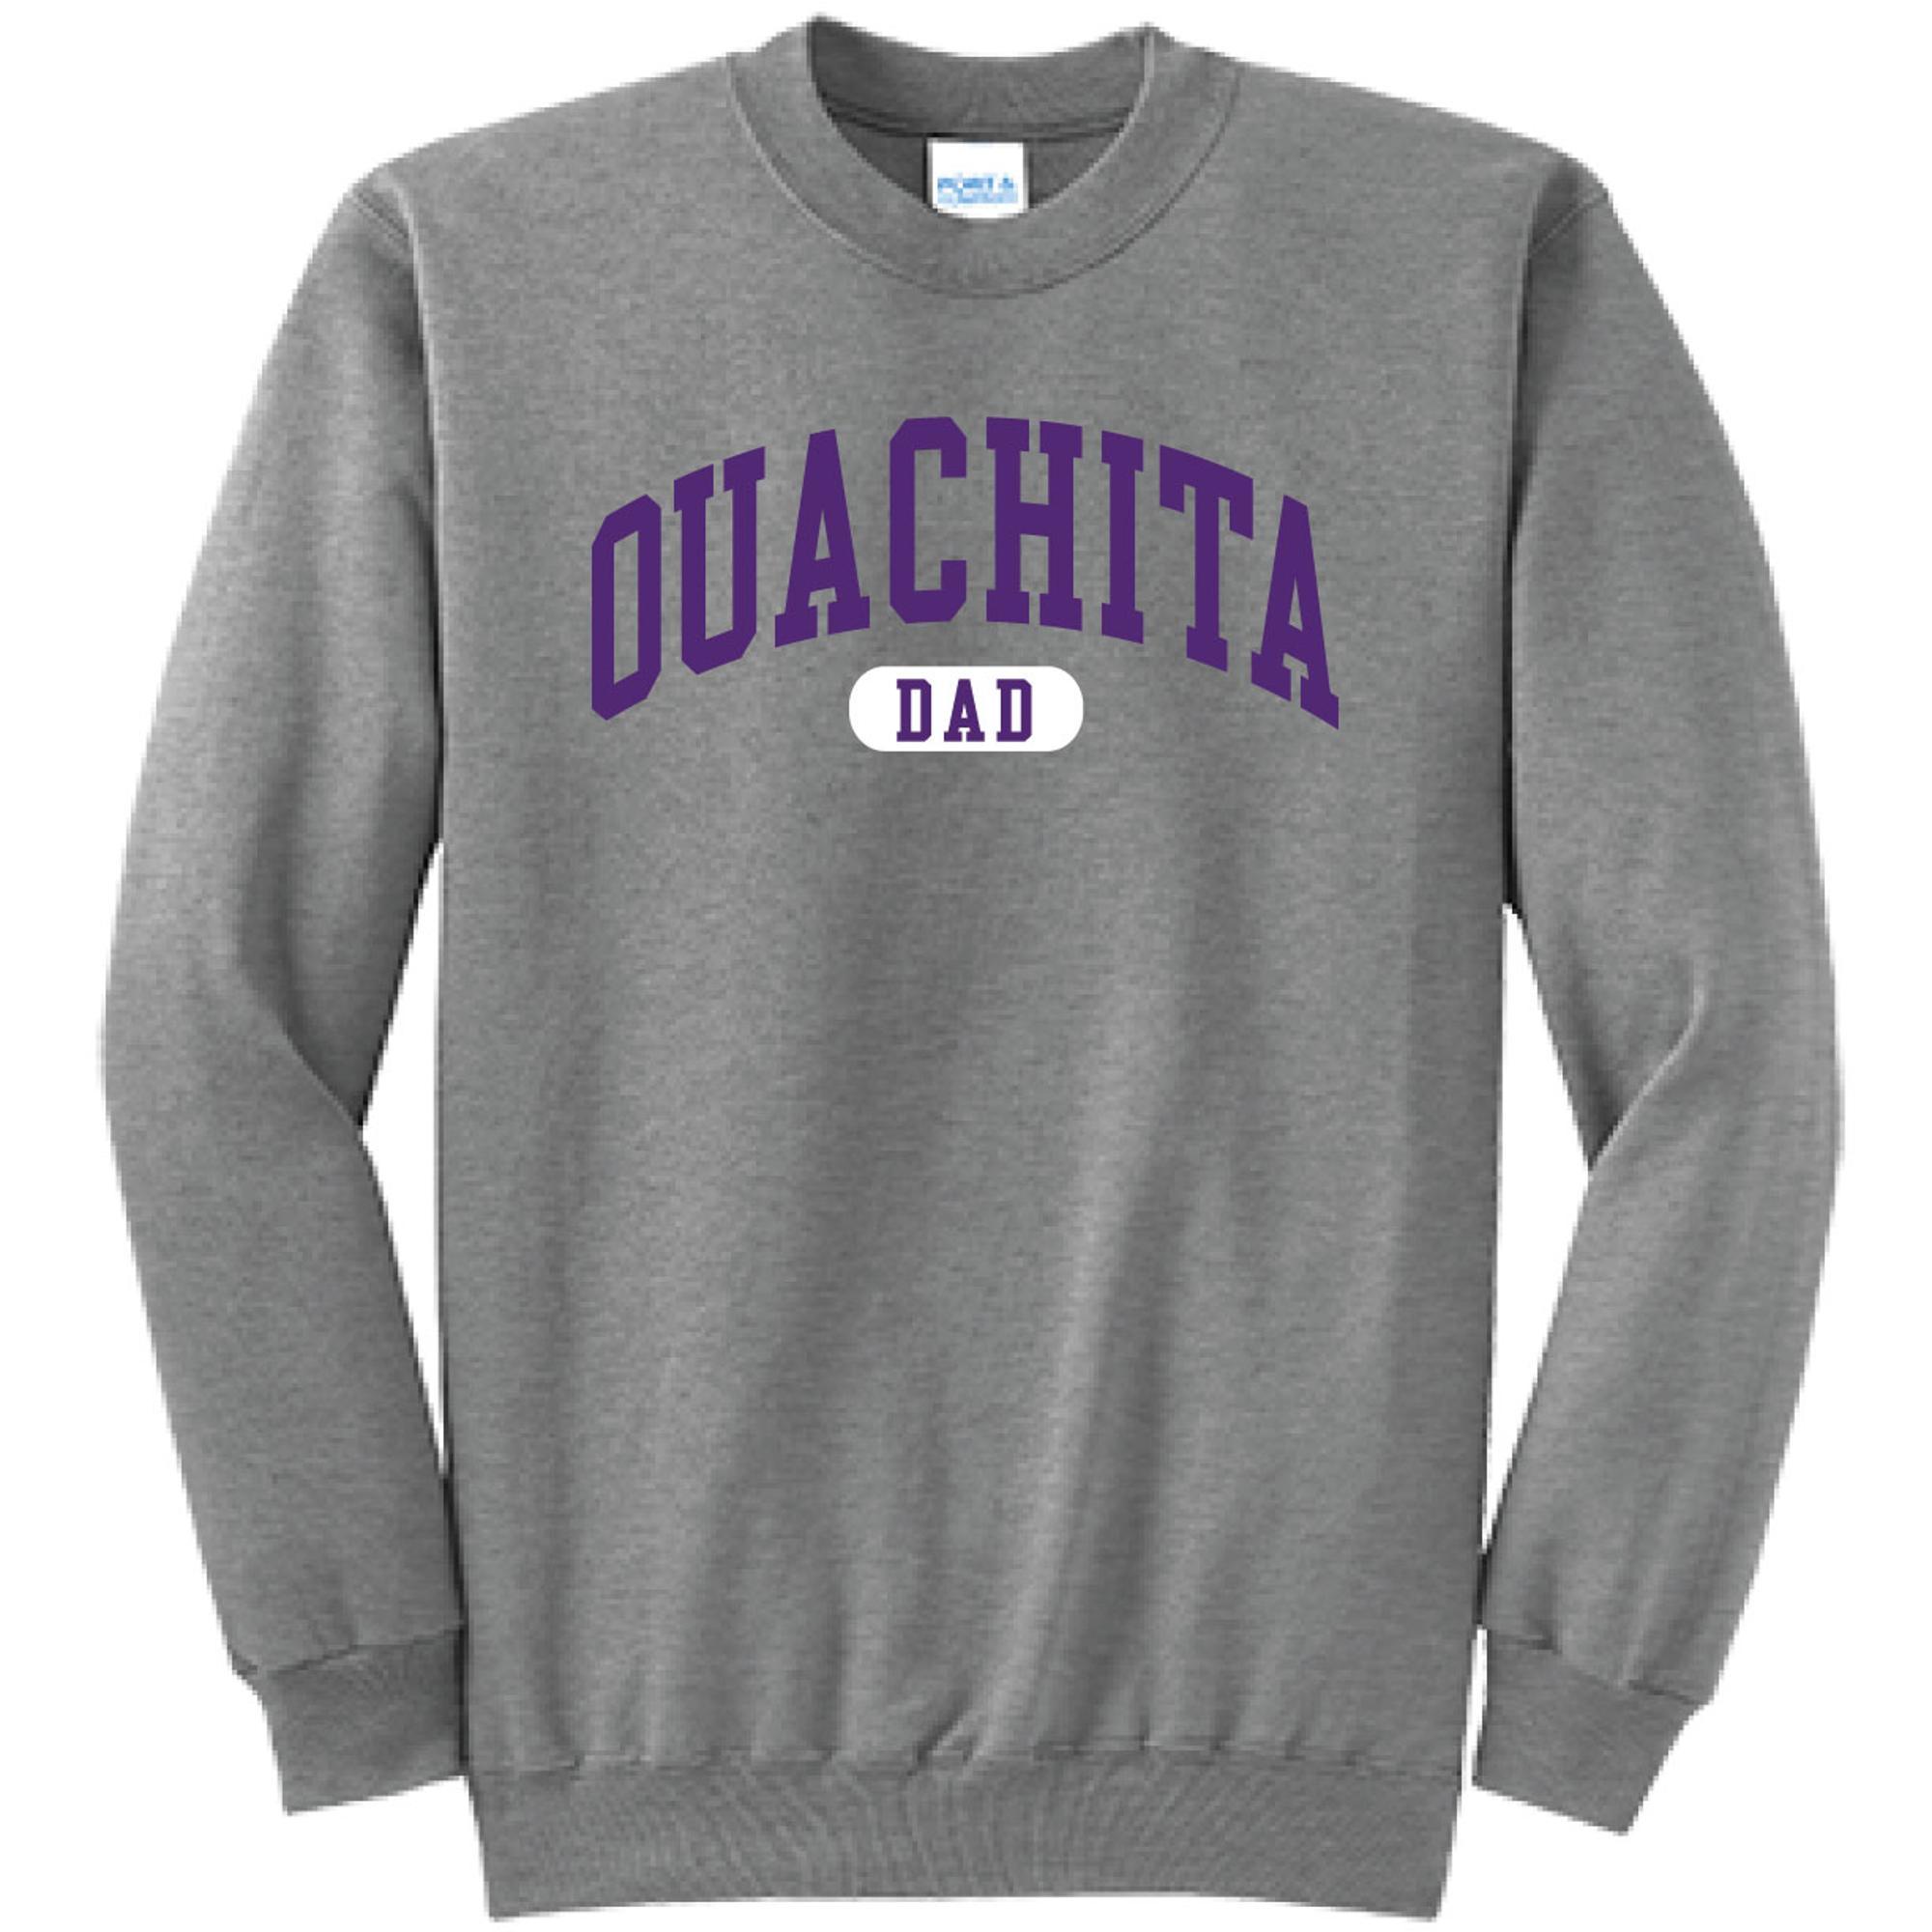 image of: Ouachita Dad Varsity Crew Neck Fleece